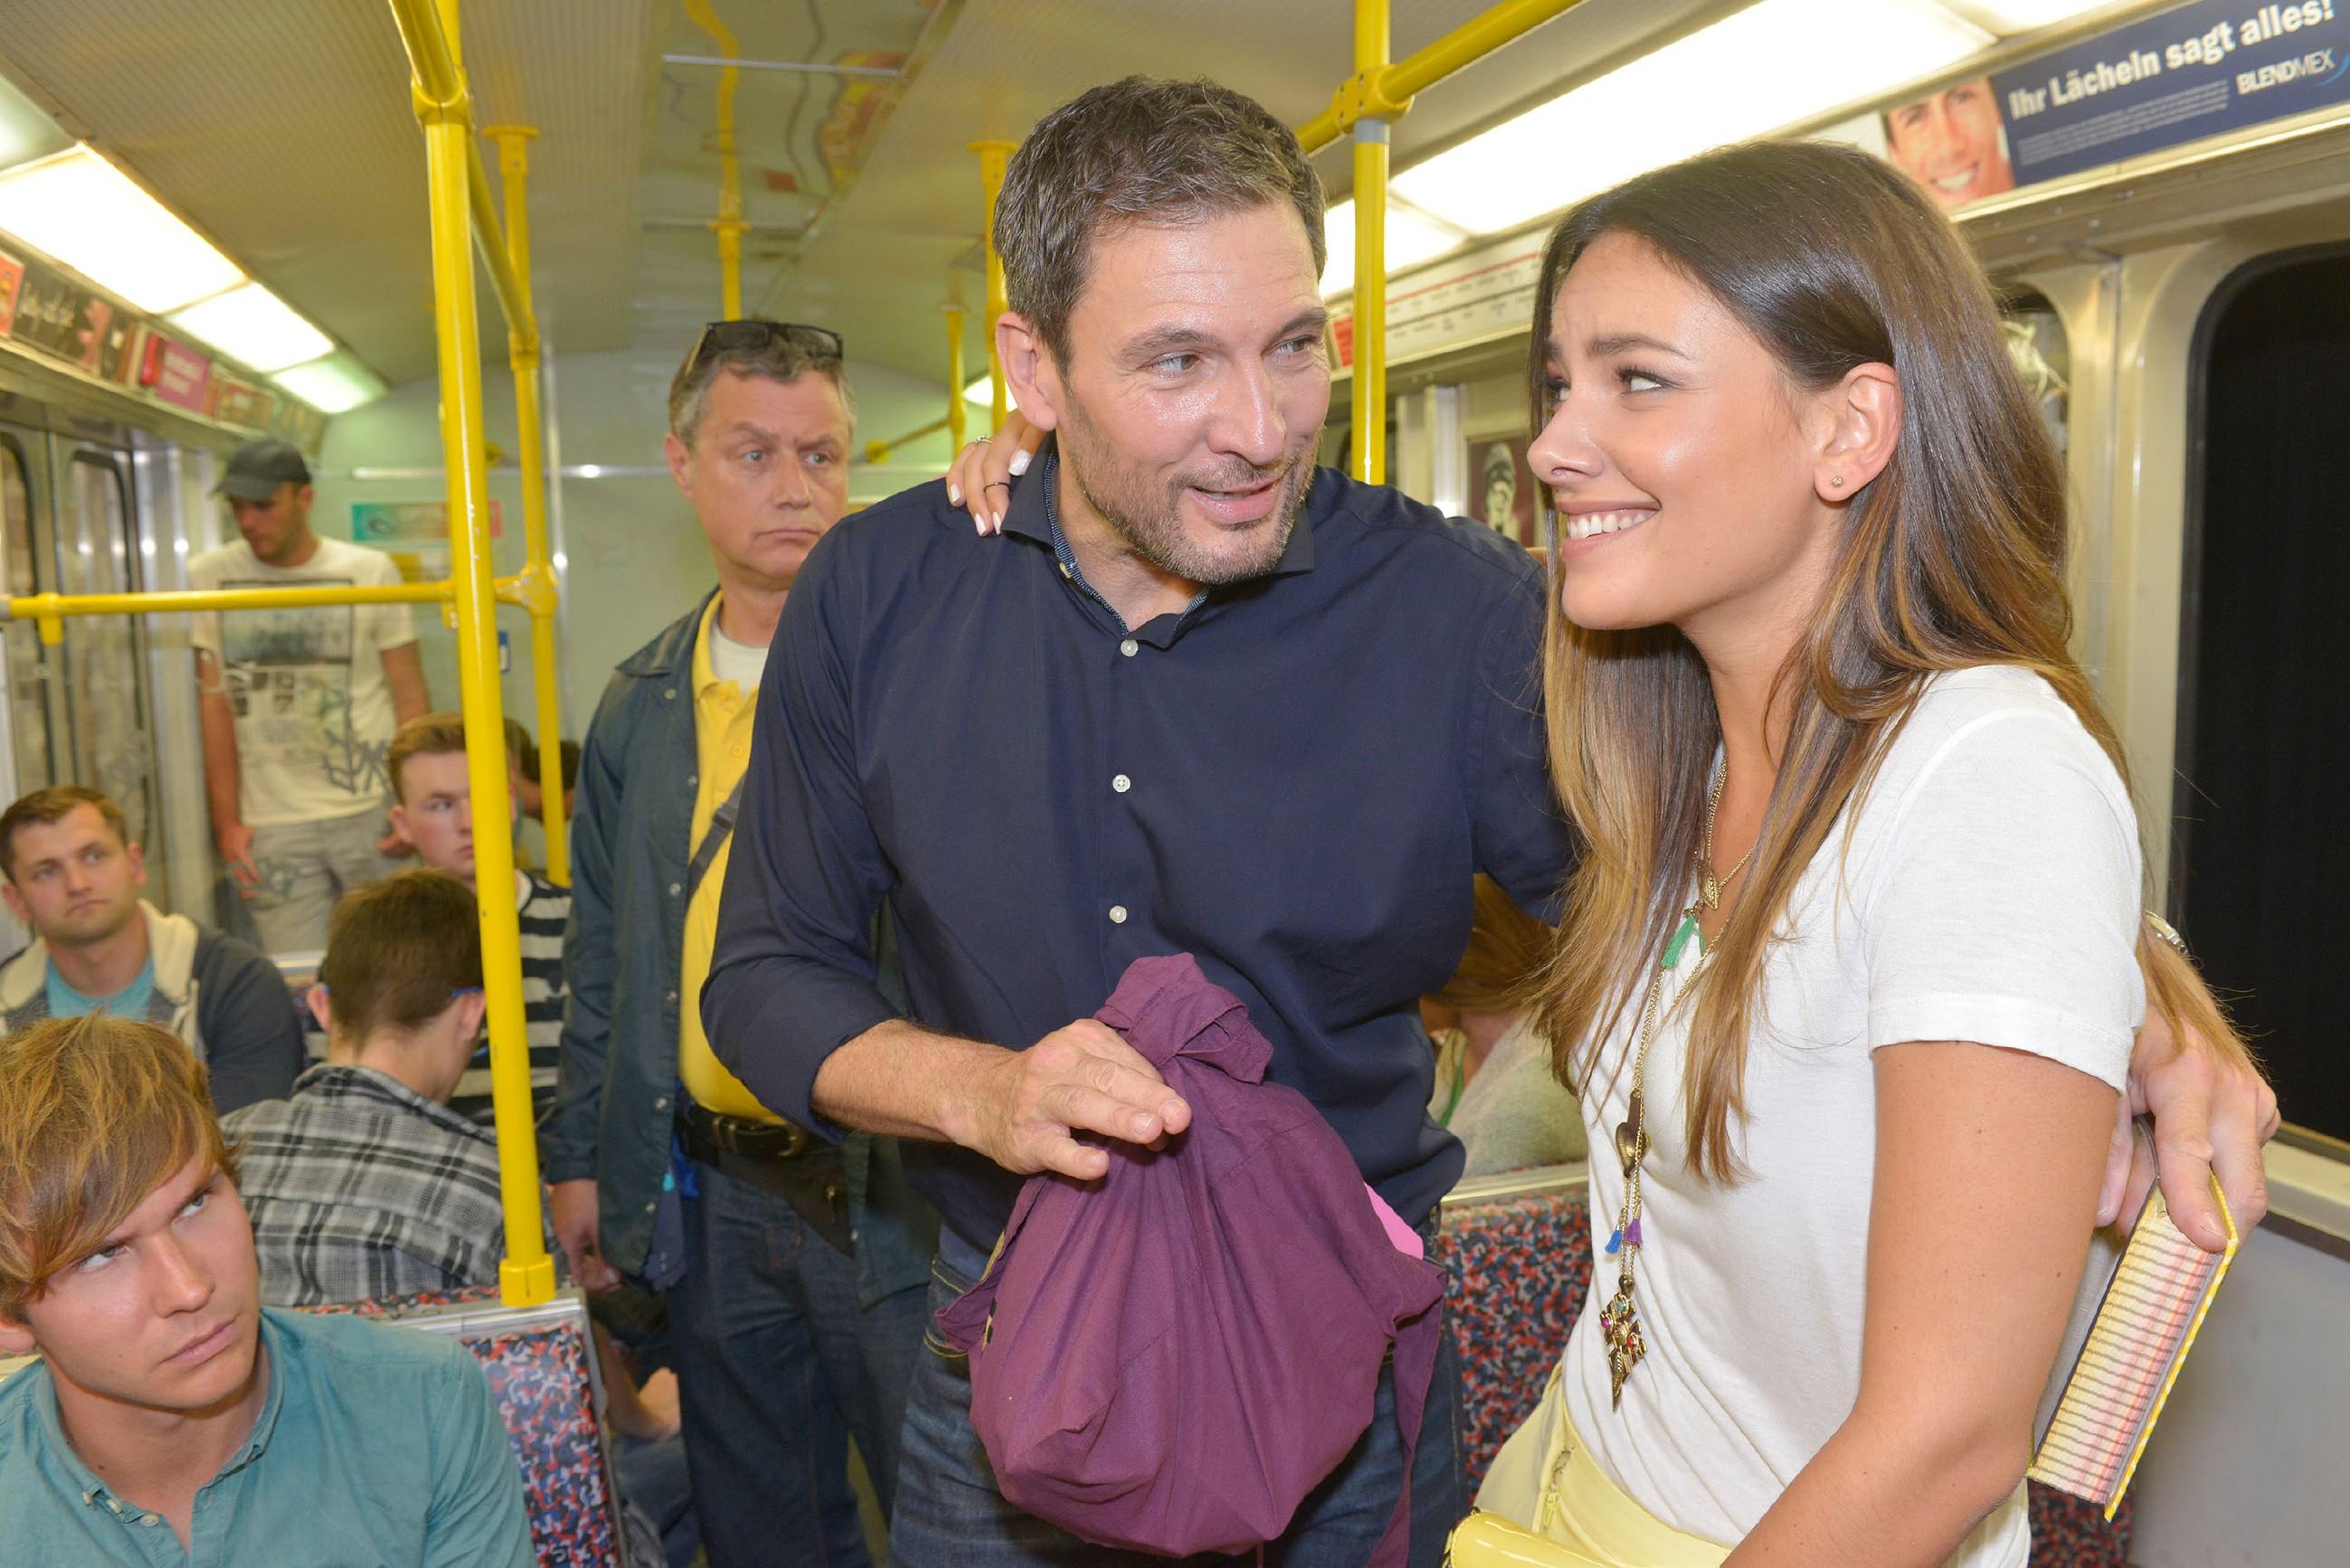 Der attraktive Dr. Frederic Riefflin (Dieter Bach) hilft Jasmin (Janina Uhse) in der Bahn aus einer unangenehmen Situation. (Quelle: © RTL / Rolf Baumgartner)